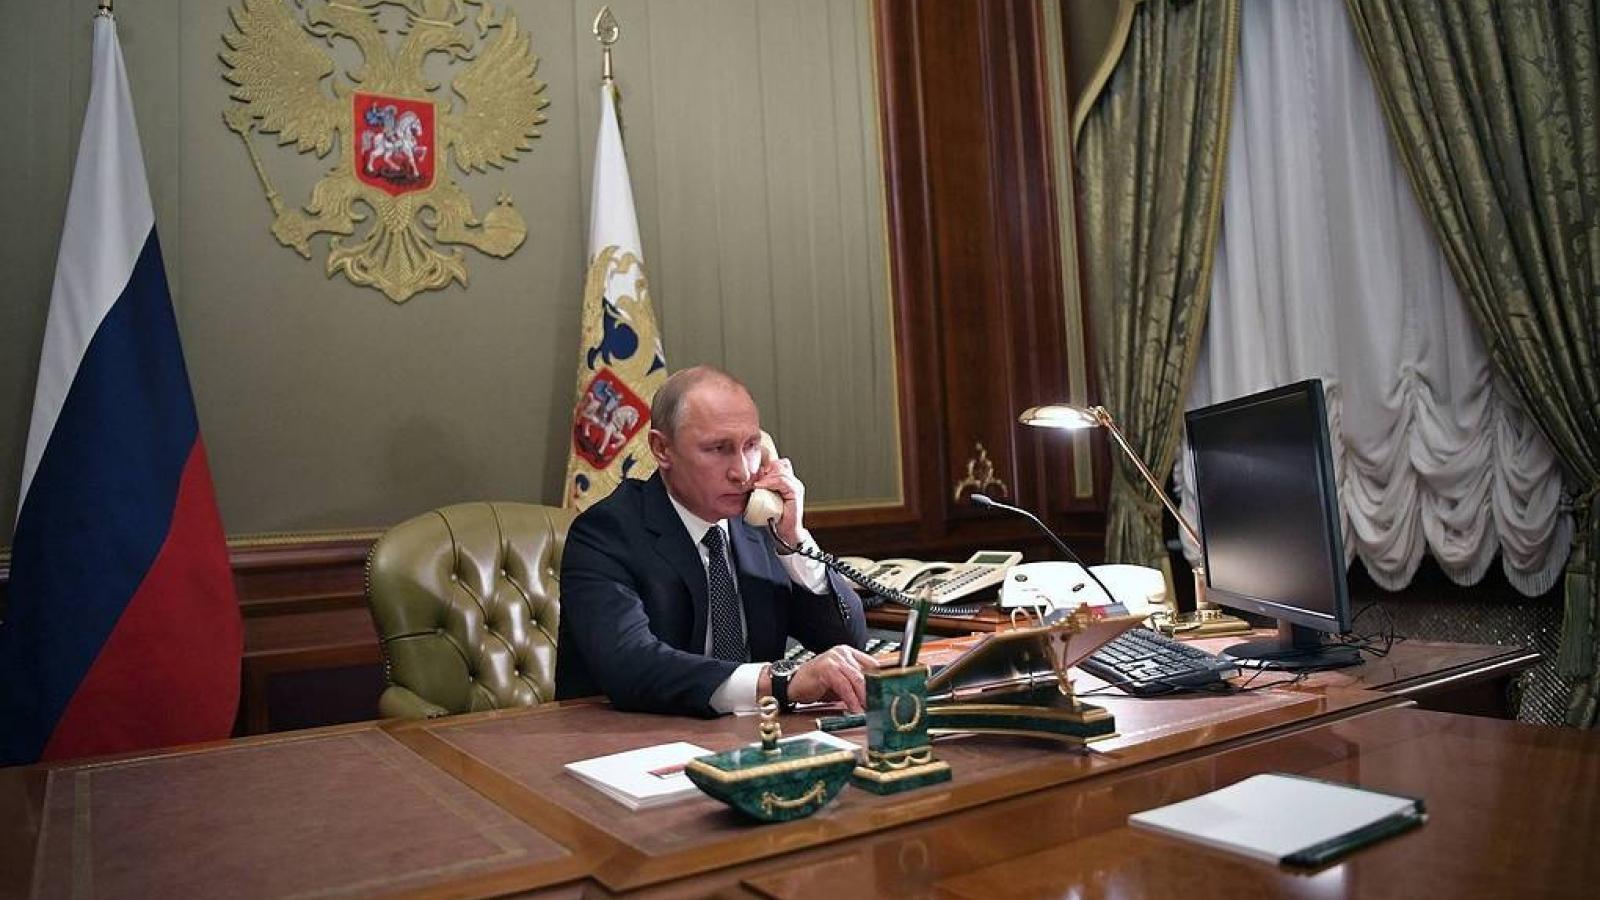 Lãnh đạo Nga-Thổ Nhĩ Kỳ điện đàm về tình hình ở Nagorno-Karabakh